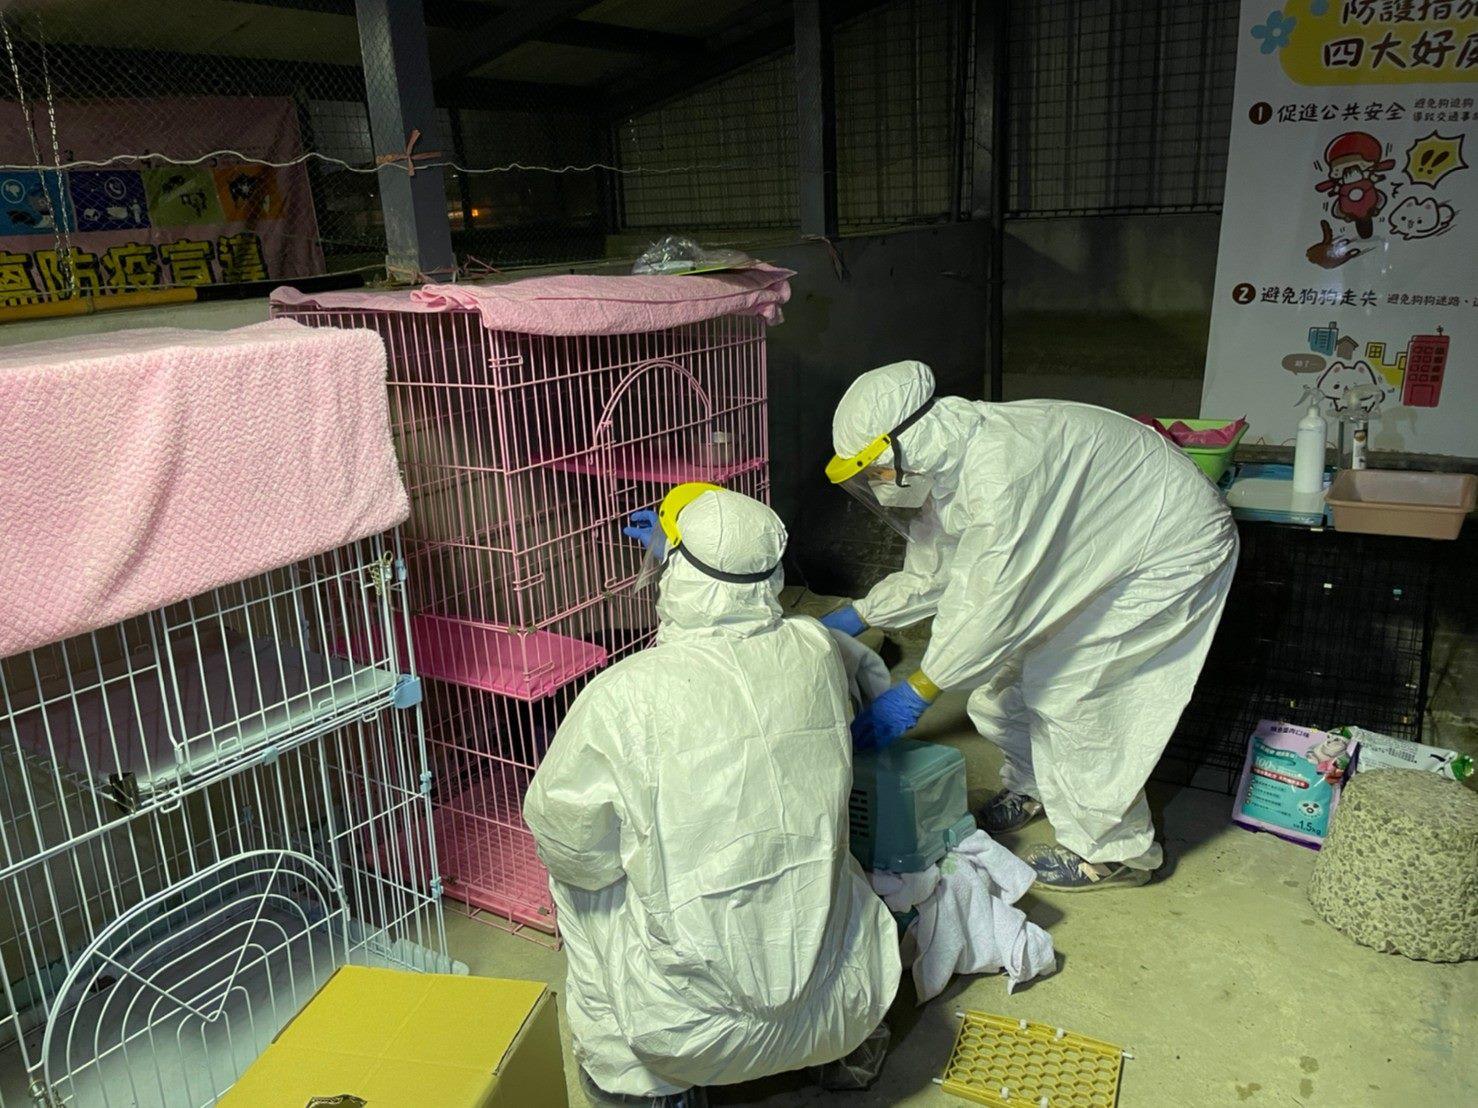 圖2.確診案例飼養之貓隻目前隔離安置於北市動保處